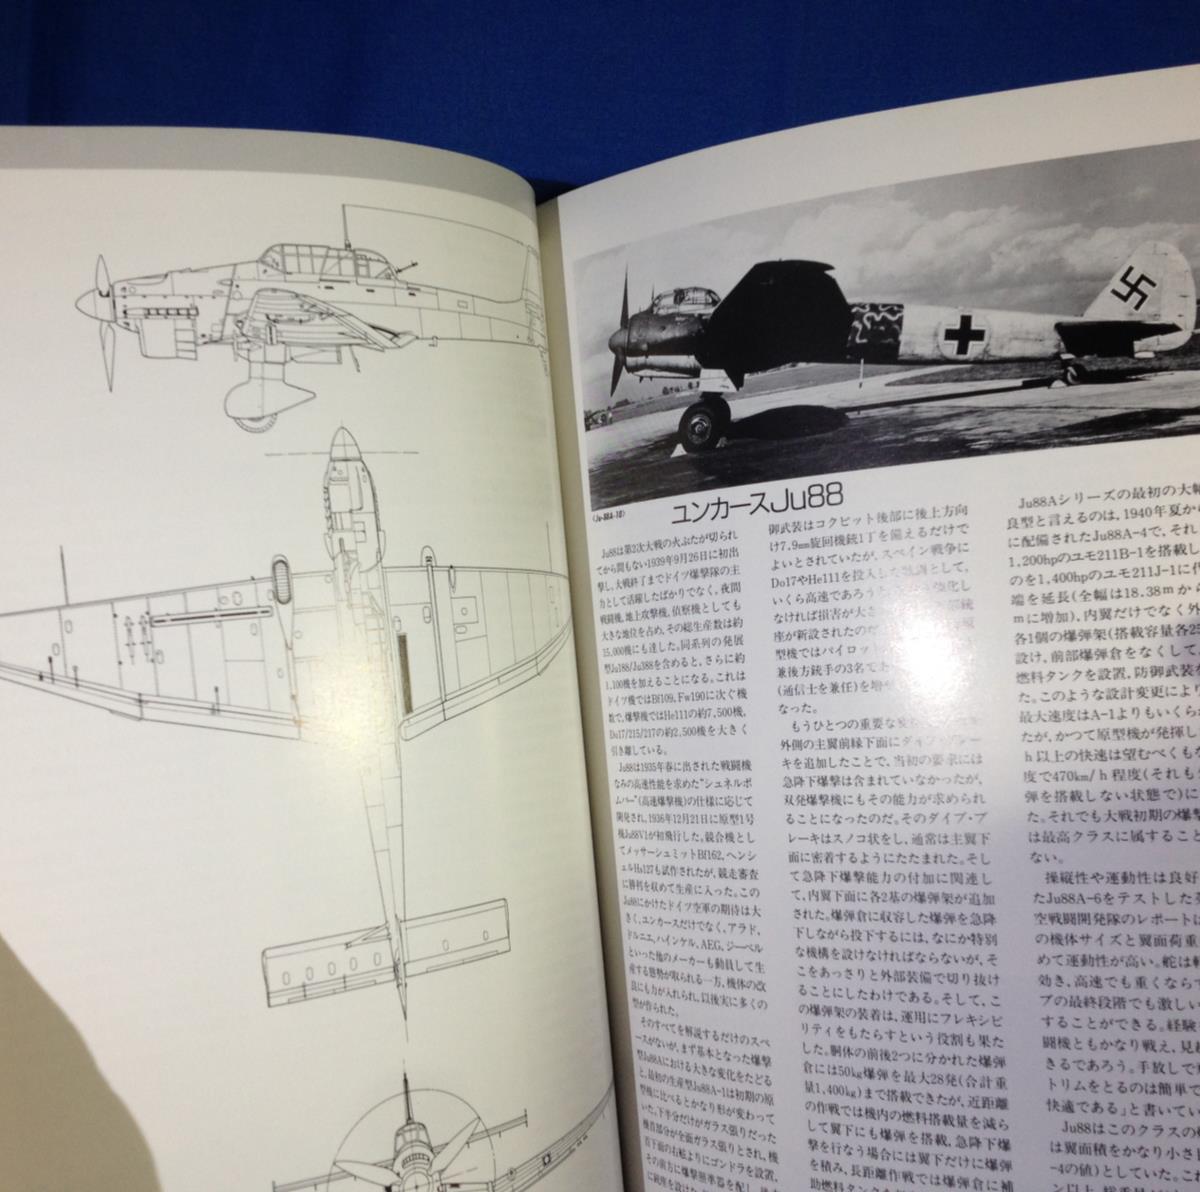 第二次大戦ドイツ軍用機 イラストレイテッドNo.49 航空ファン 文林堂 1989年 機体解説 マーキング 編成と戦史 航空機工場 航空エンジン_画像7